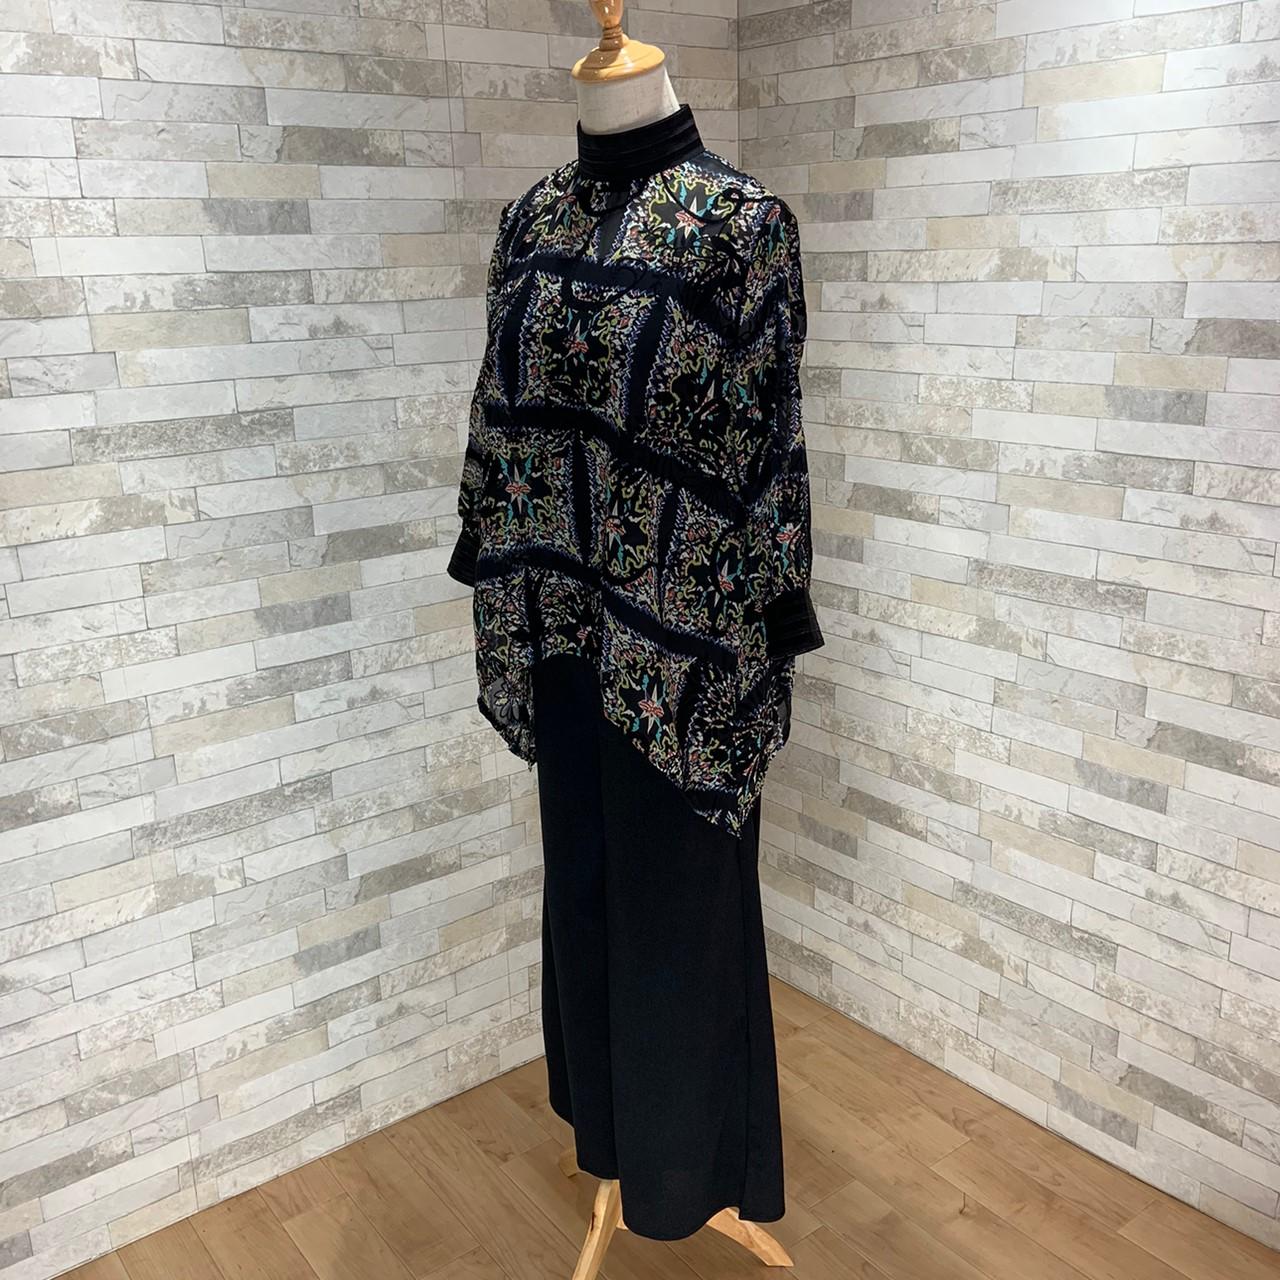 【即納】韓国 ファッション パンツ セットアップ パーティードレス 結婚式 お呼ばれドレス 秋 夏 春 パーティー ブライダル SPTX7230  エレガント シースルー ロ 二次会 セレブ きれいめの写真18枚目